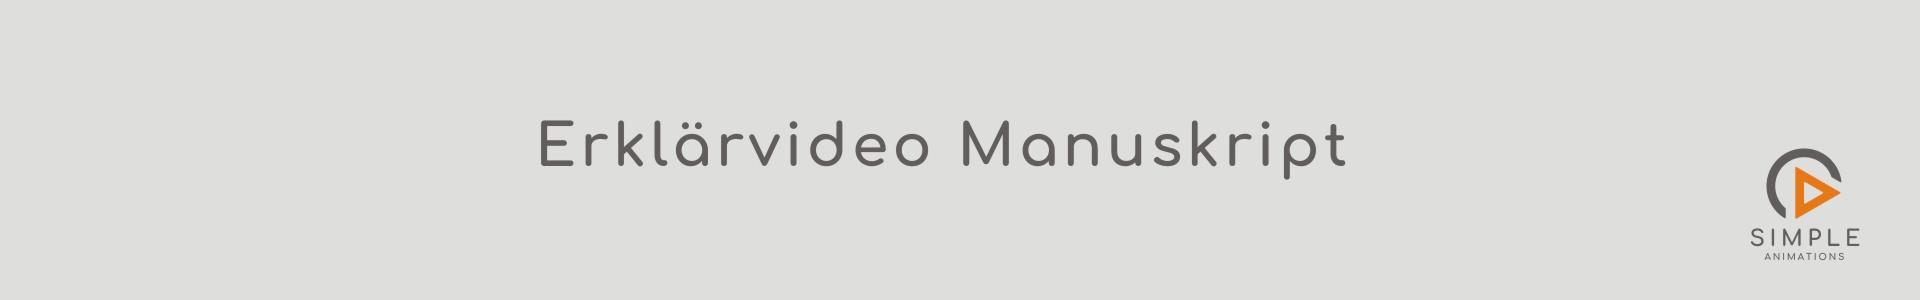 Erklaervideo Manuskript Simple Animations